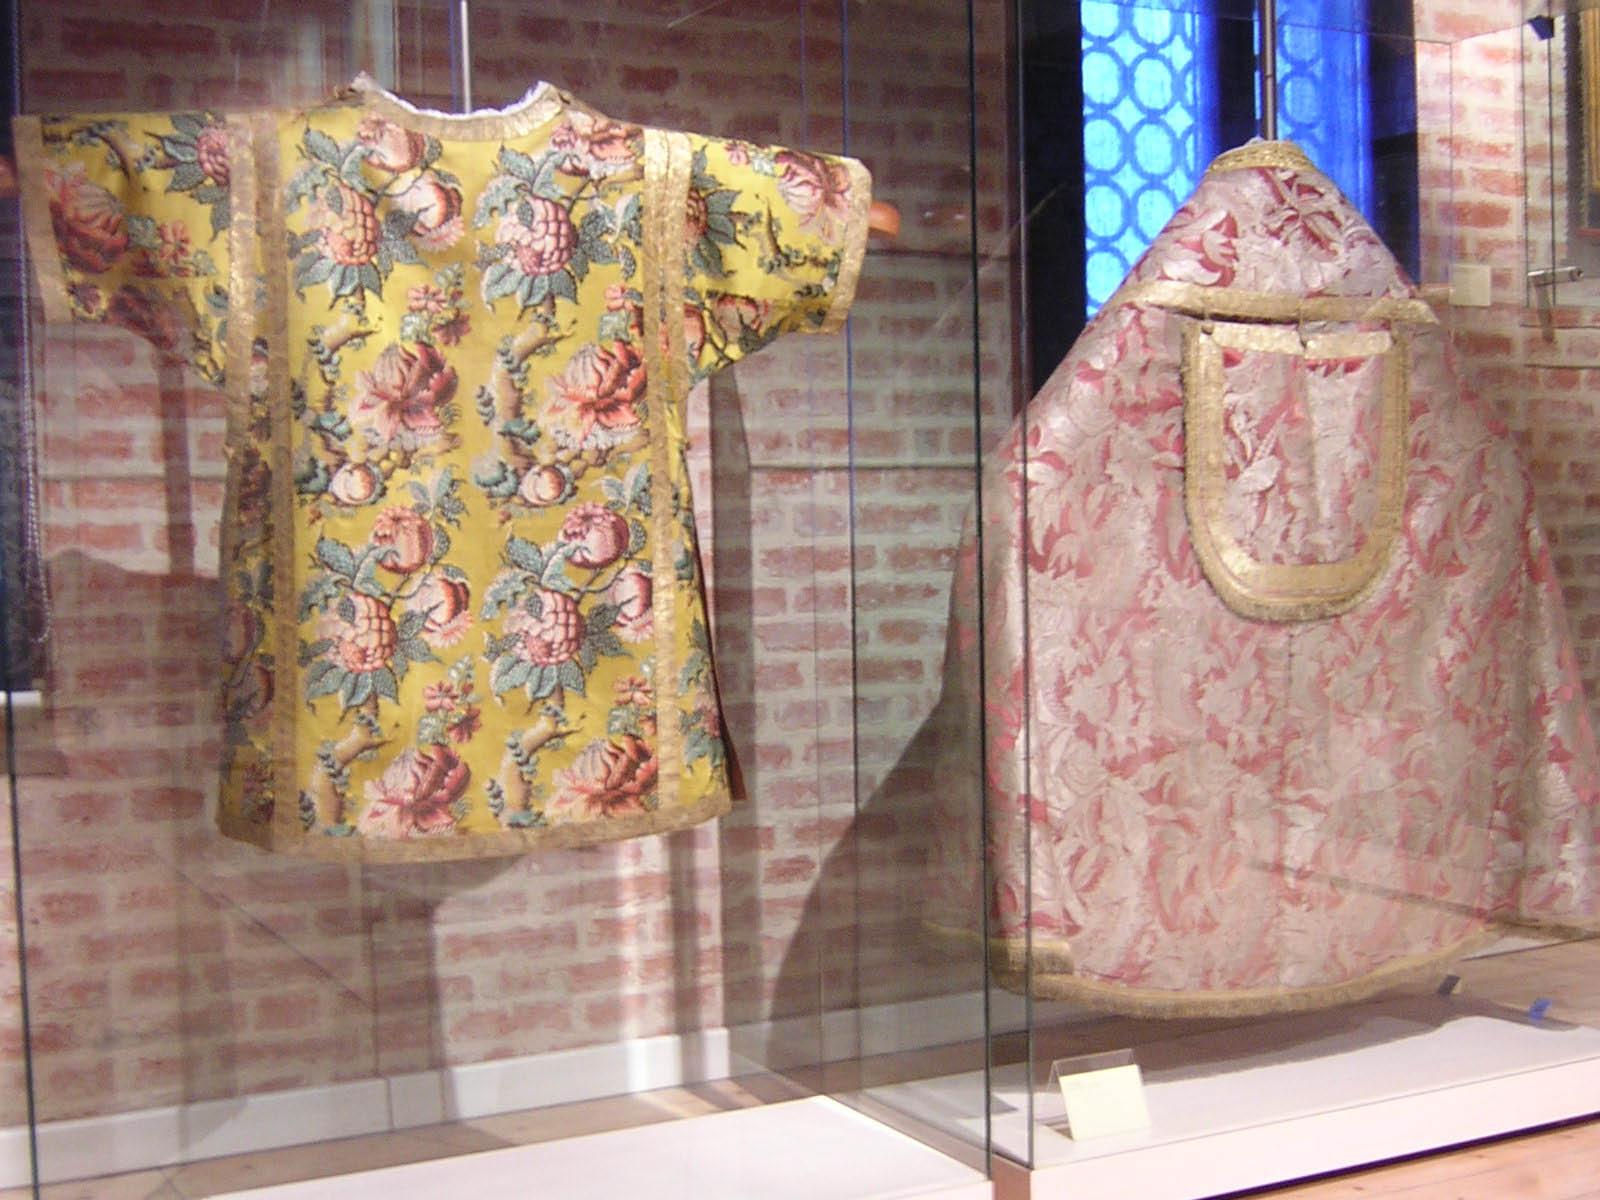 Da sinistra: una tunicella e un piviale. Qui è possibile leggere la scheda della tunicella.